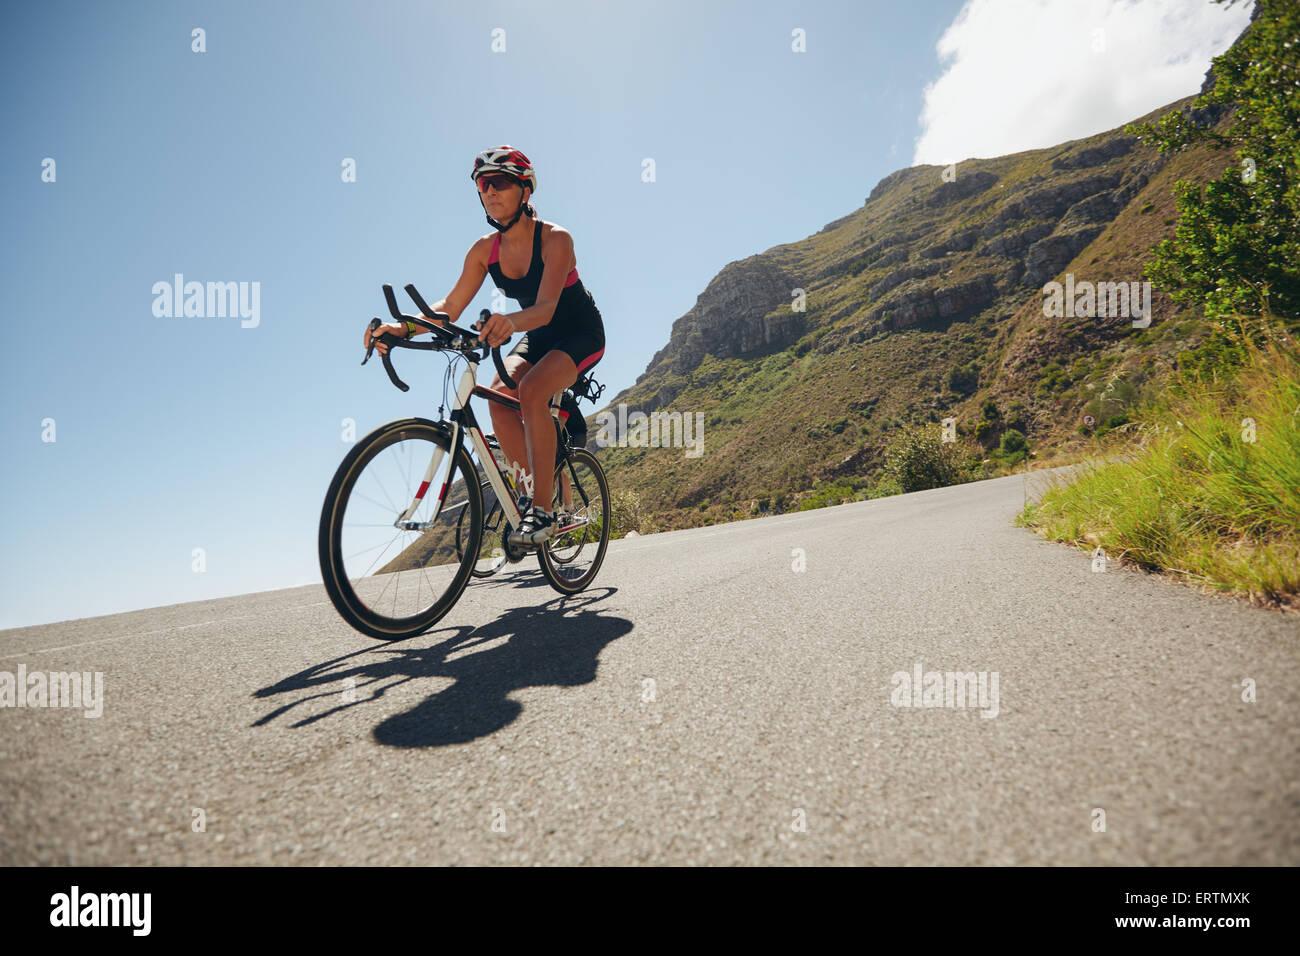 Donna competere nel ciclismo gamba di un triathlon con il concorrente. Triatleti equitazione bicicletta su strada Immagini Stock